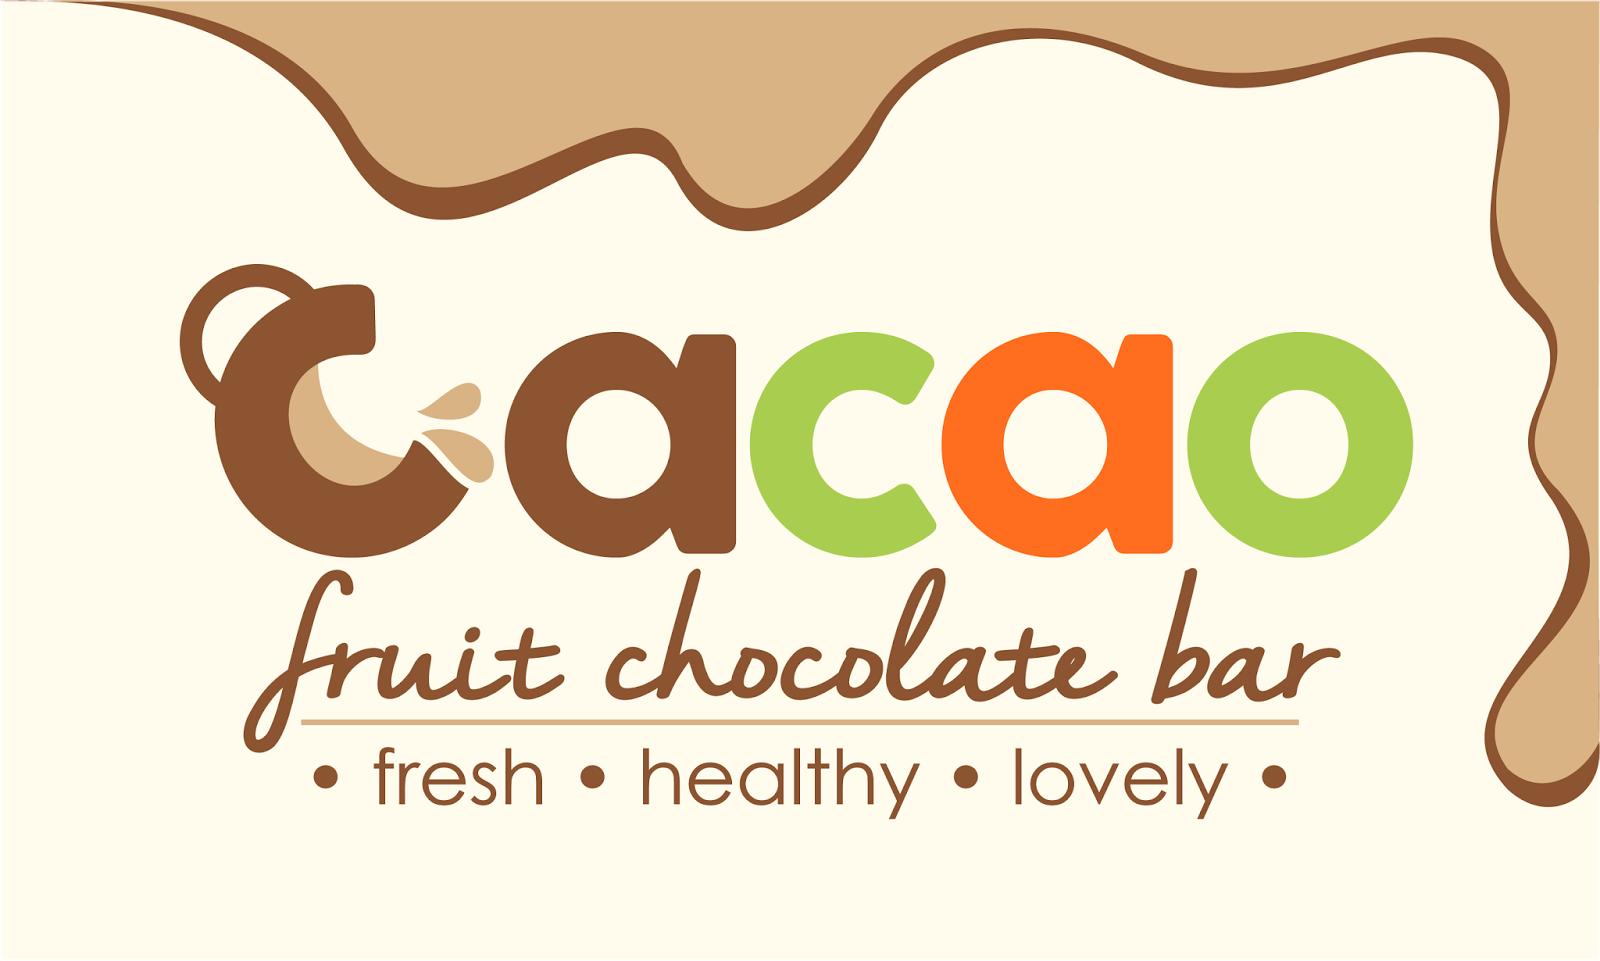 Lowongan Kerja Cook dan Helper di Cacao Fruit Chocolate Bar – Yogyakarta